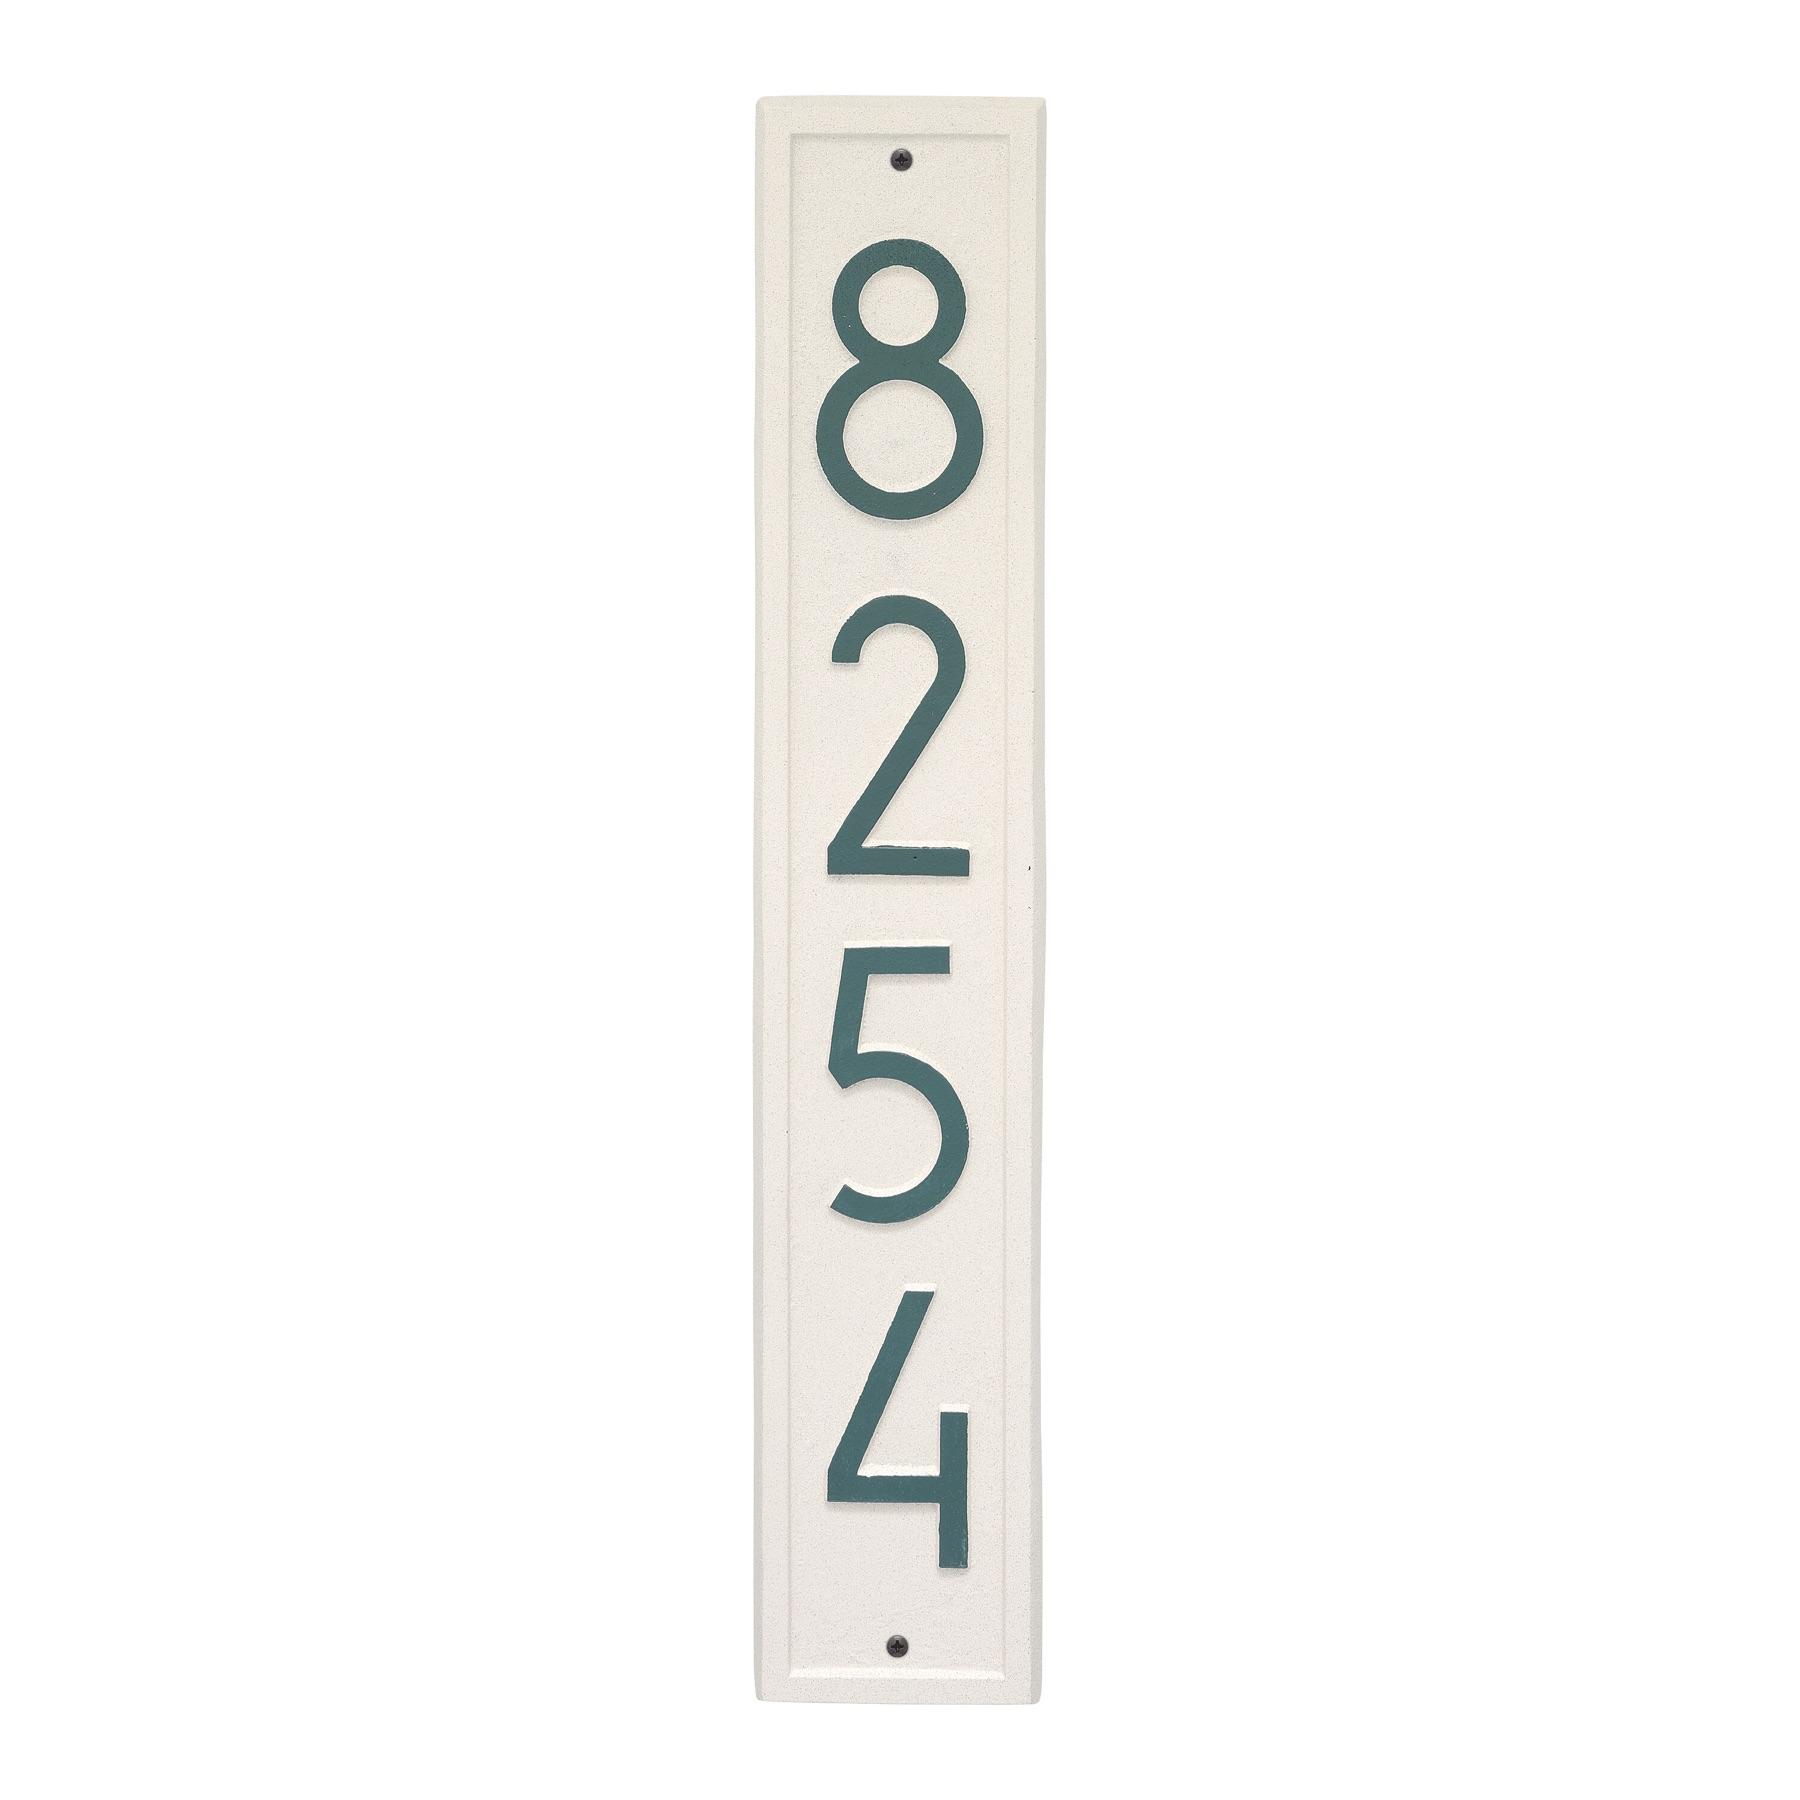 Vertical Modern Vertical Address Plaque Wall